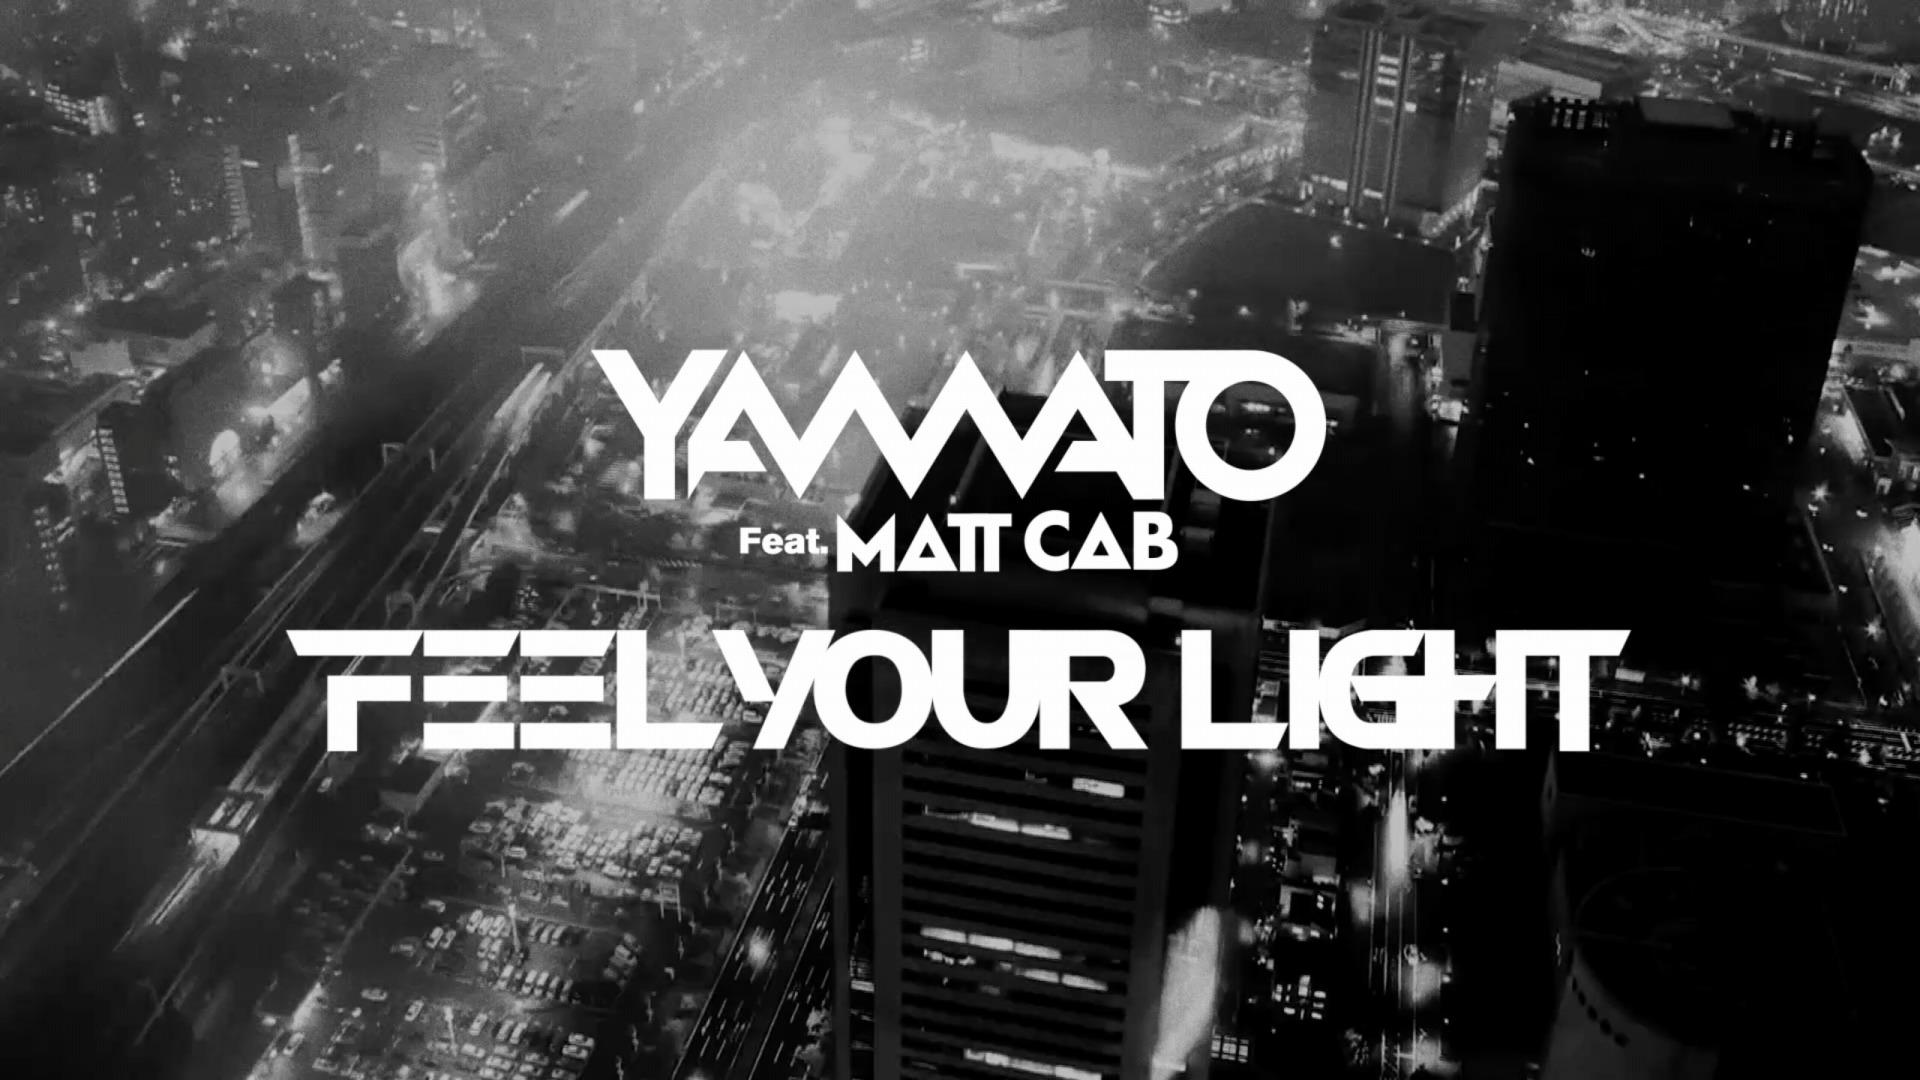 yamato02_02